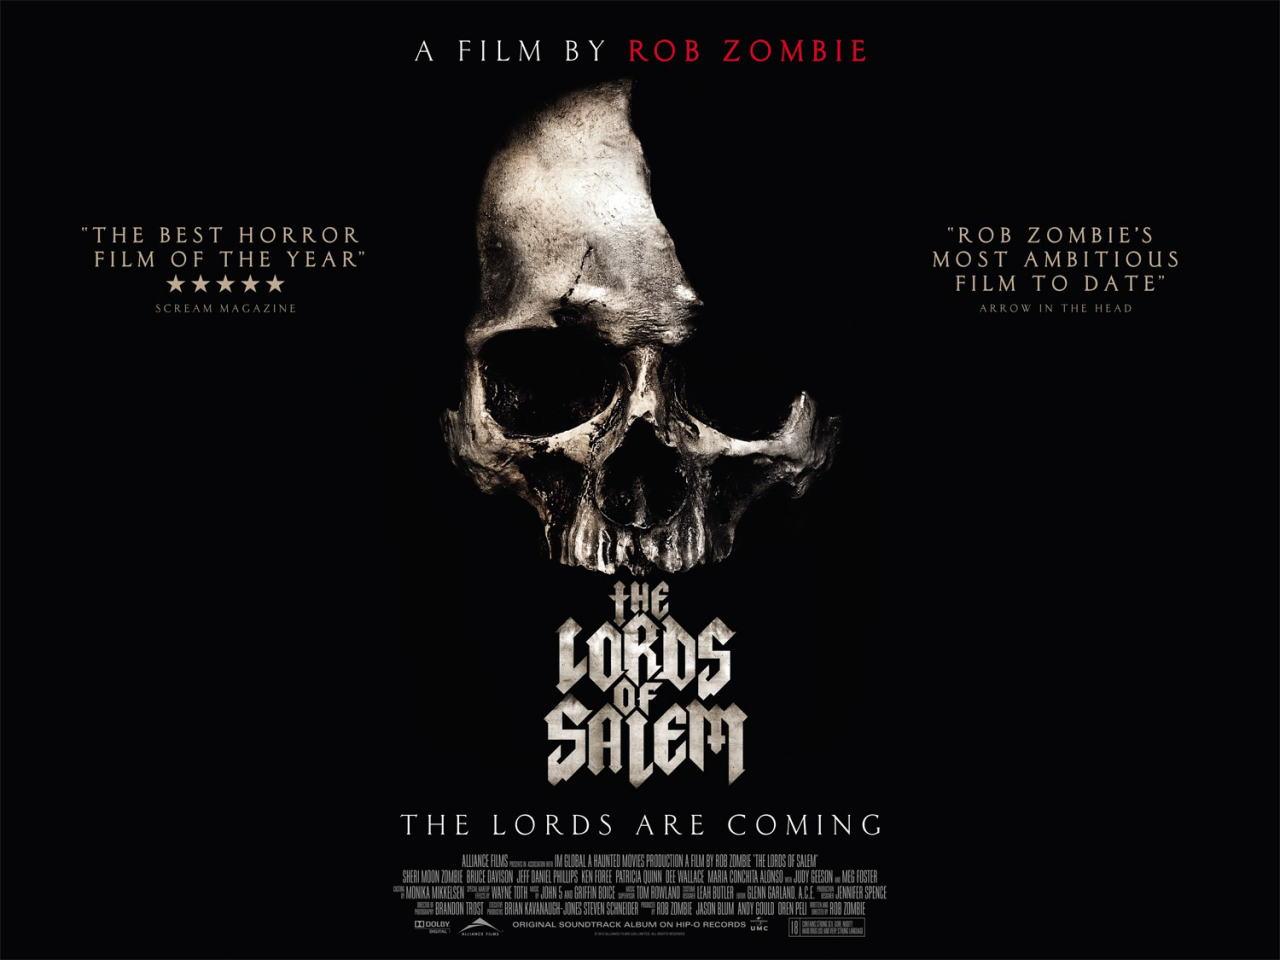 映画『ロード・オブ・セイラム (2012) THE LORDS OF SALEM』ポスター(4) ▼ポスター画像クリックで拡大します。